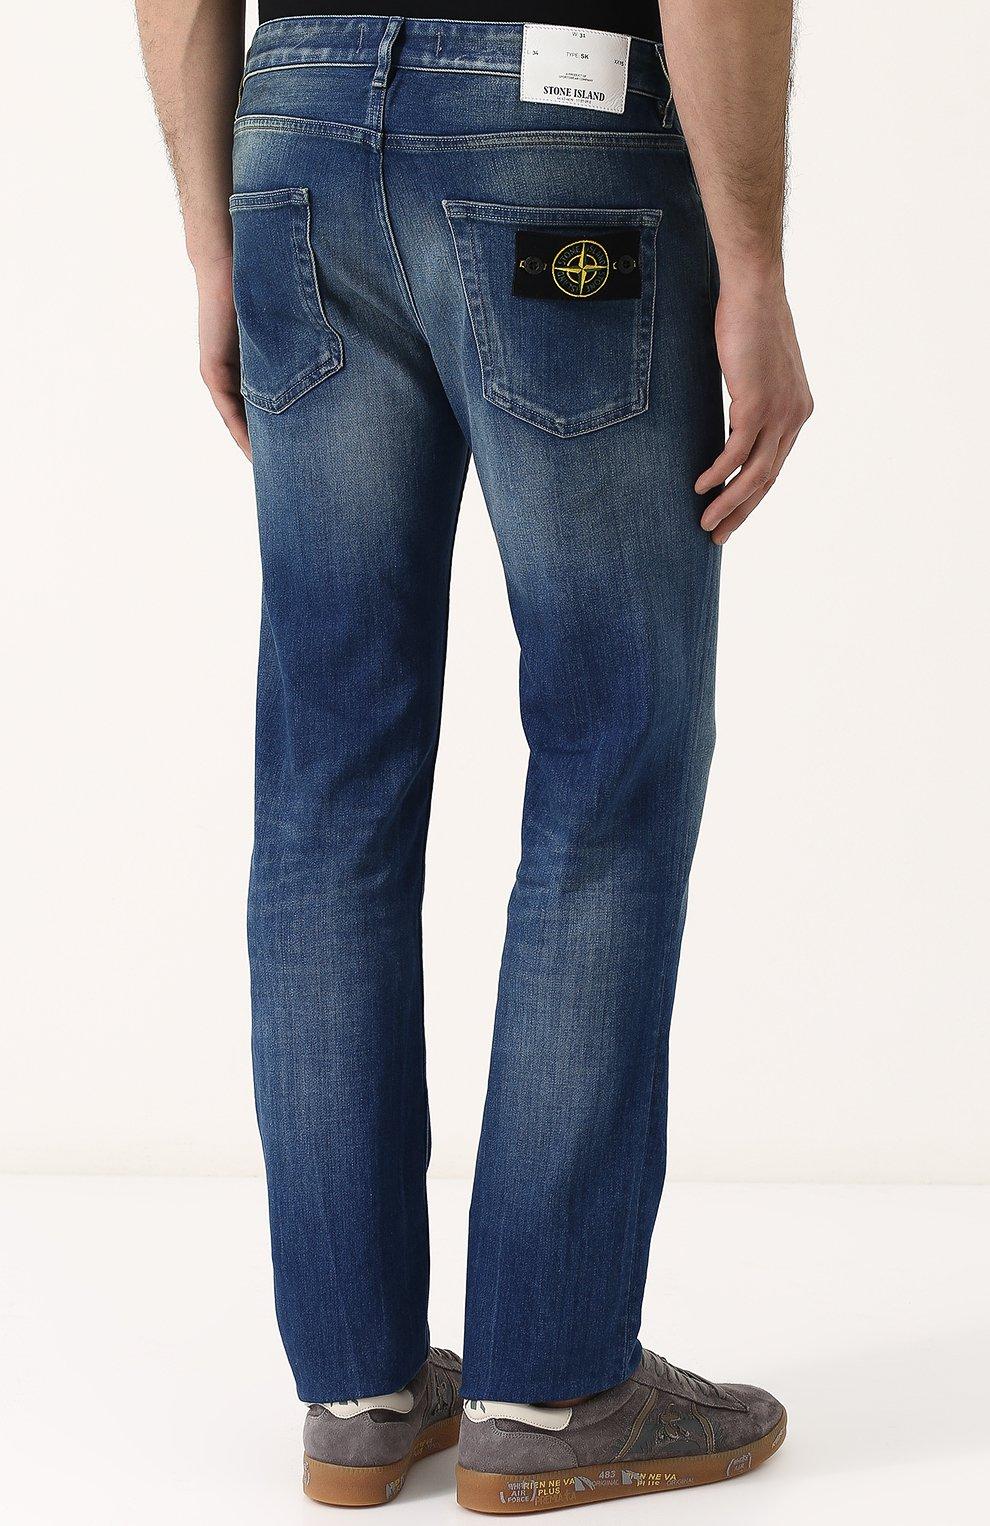 Мужские джинсы прямого кроя с потертостями STONE ISLAND синего цвета, арт. 6815J2ZN4 | Фото 4